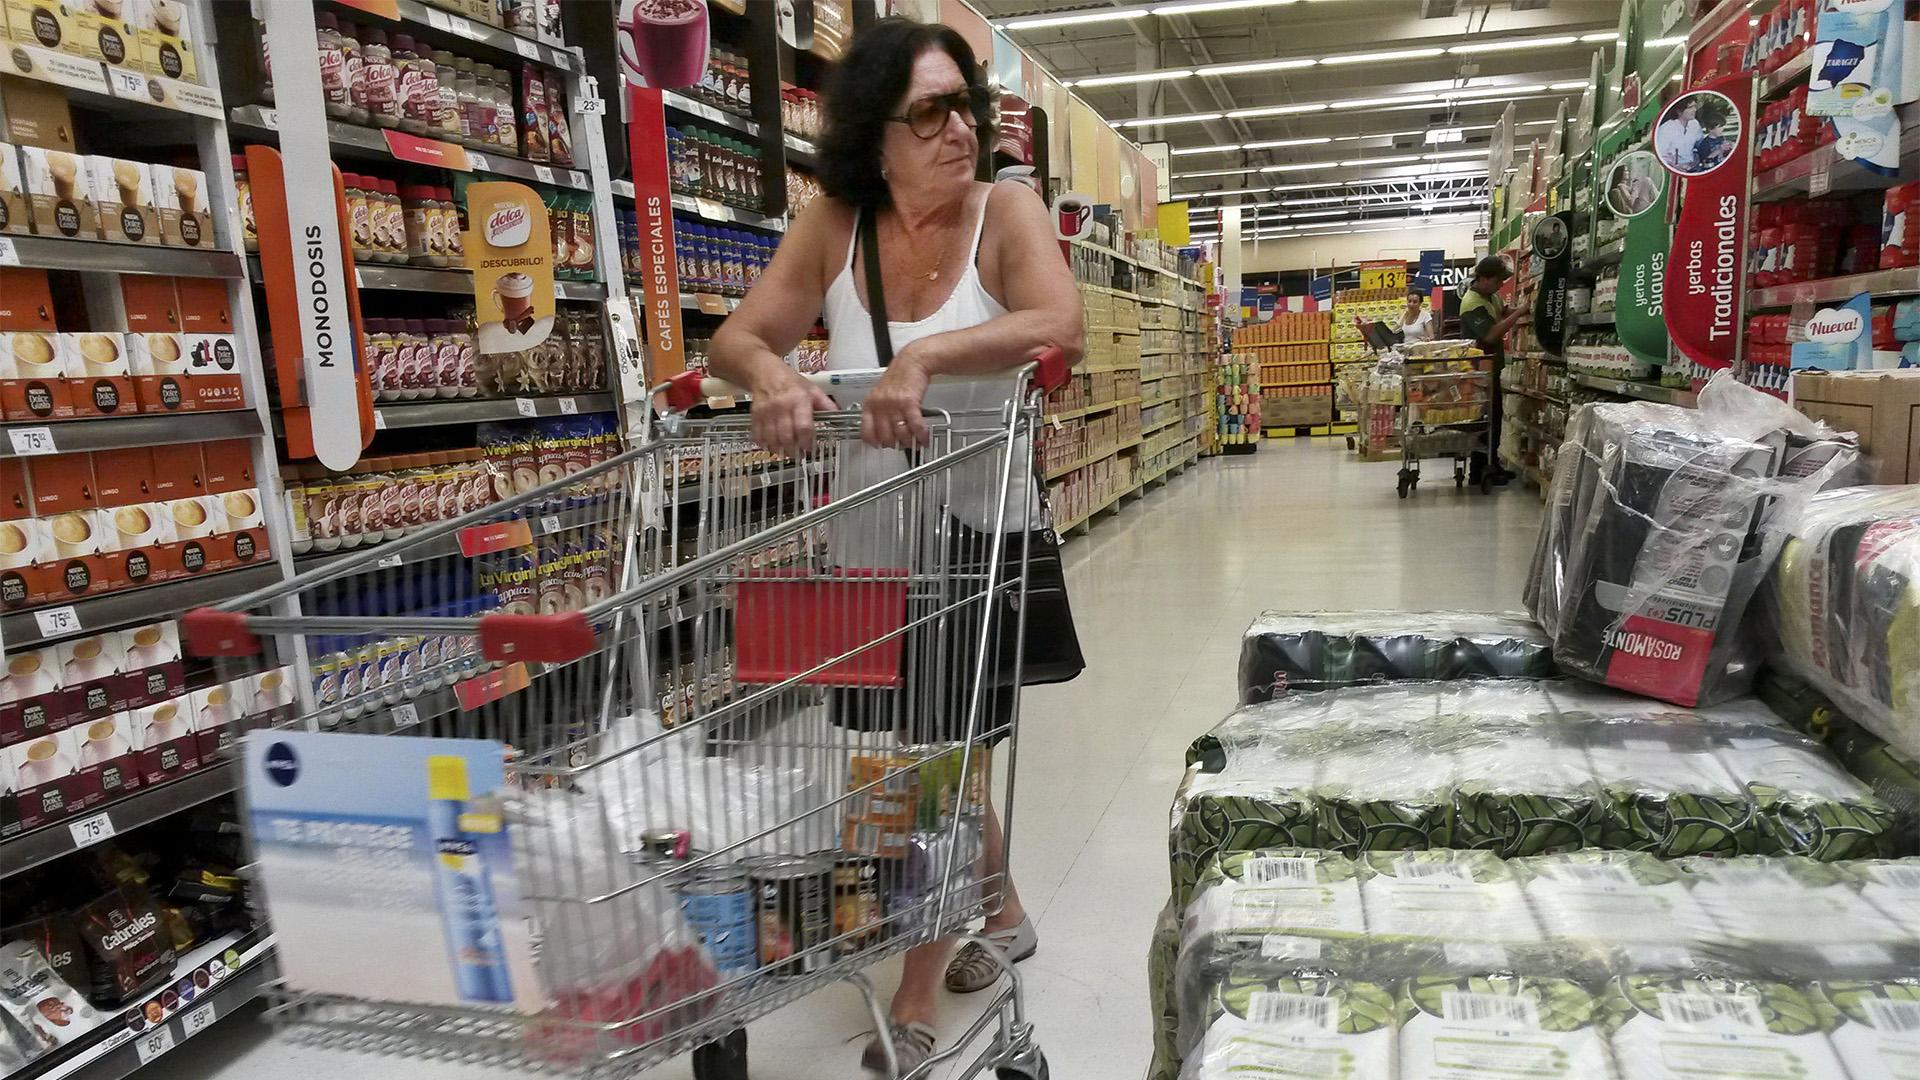 La clase media debió recortar gastos y busca cada vez más ofertas en los supermercados (NA)